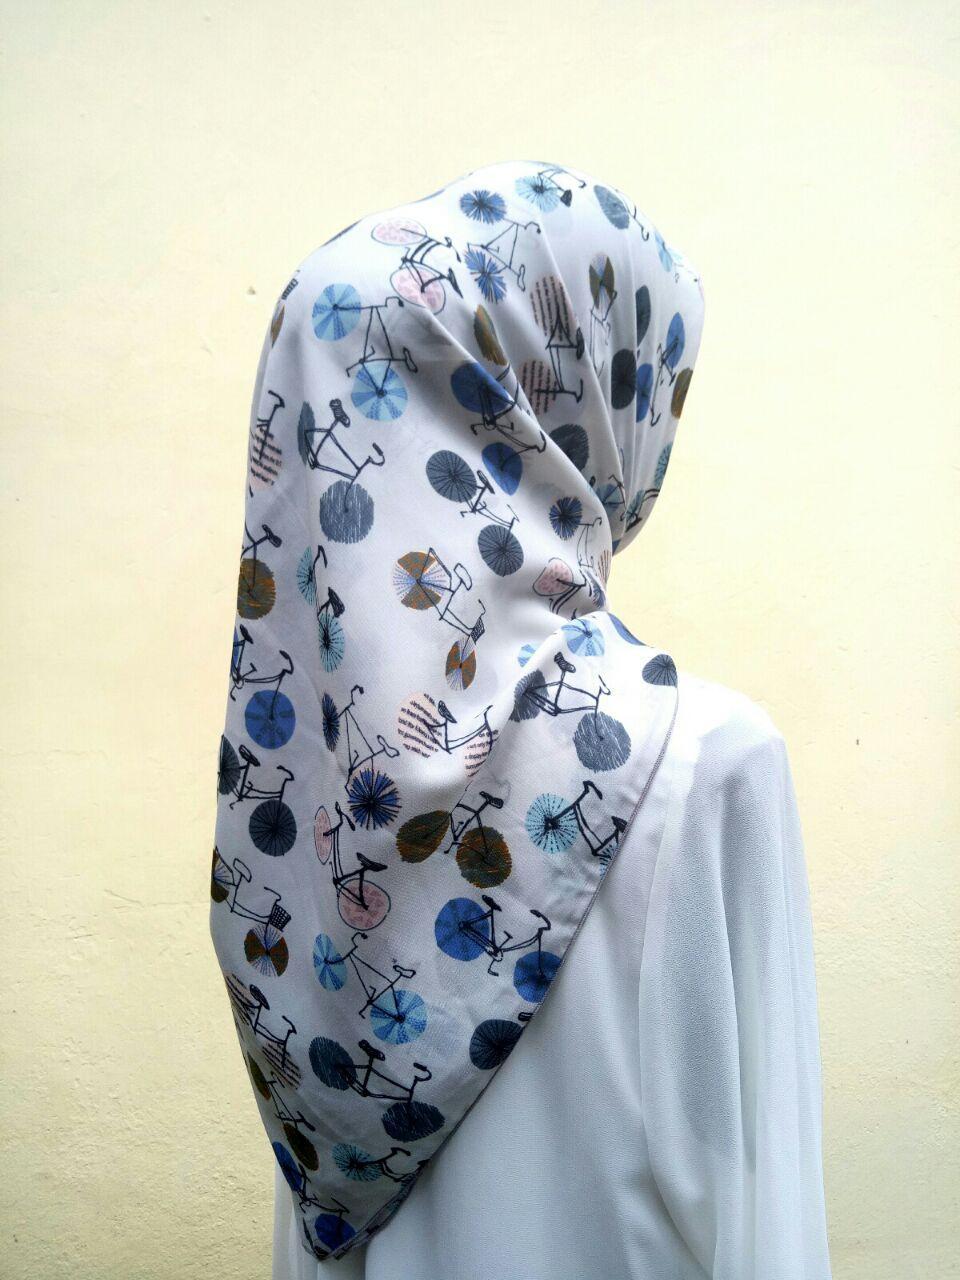 Elena Cycle SQ Jilbab Motif Segi Empat Kerudung Segi Tiga Premium Untuk Sehari hari Kantor maupun Pesta by Nggemesin Hijab